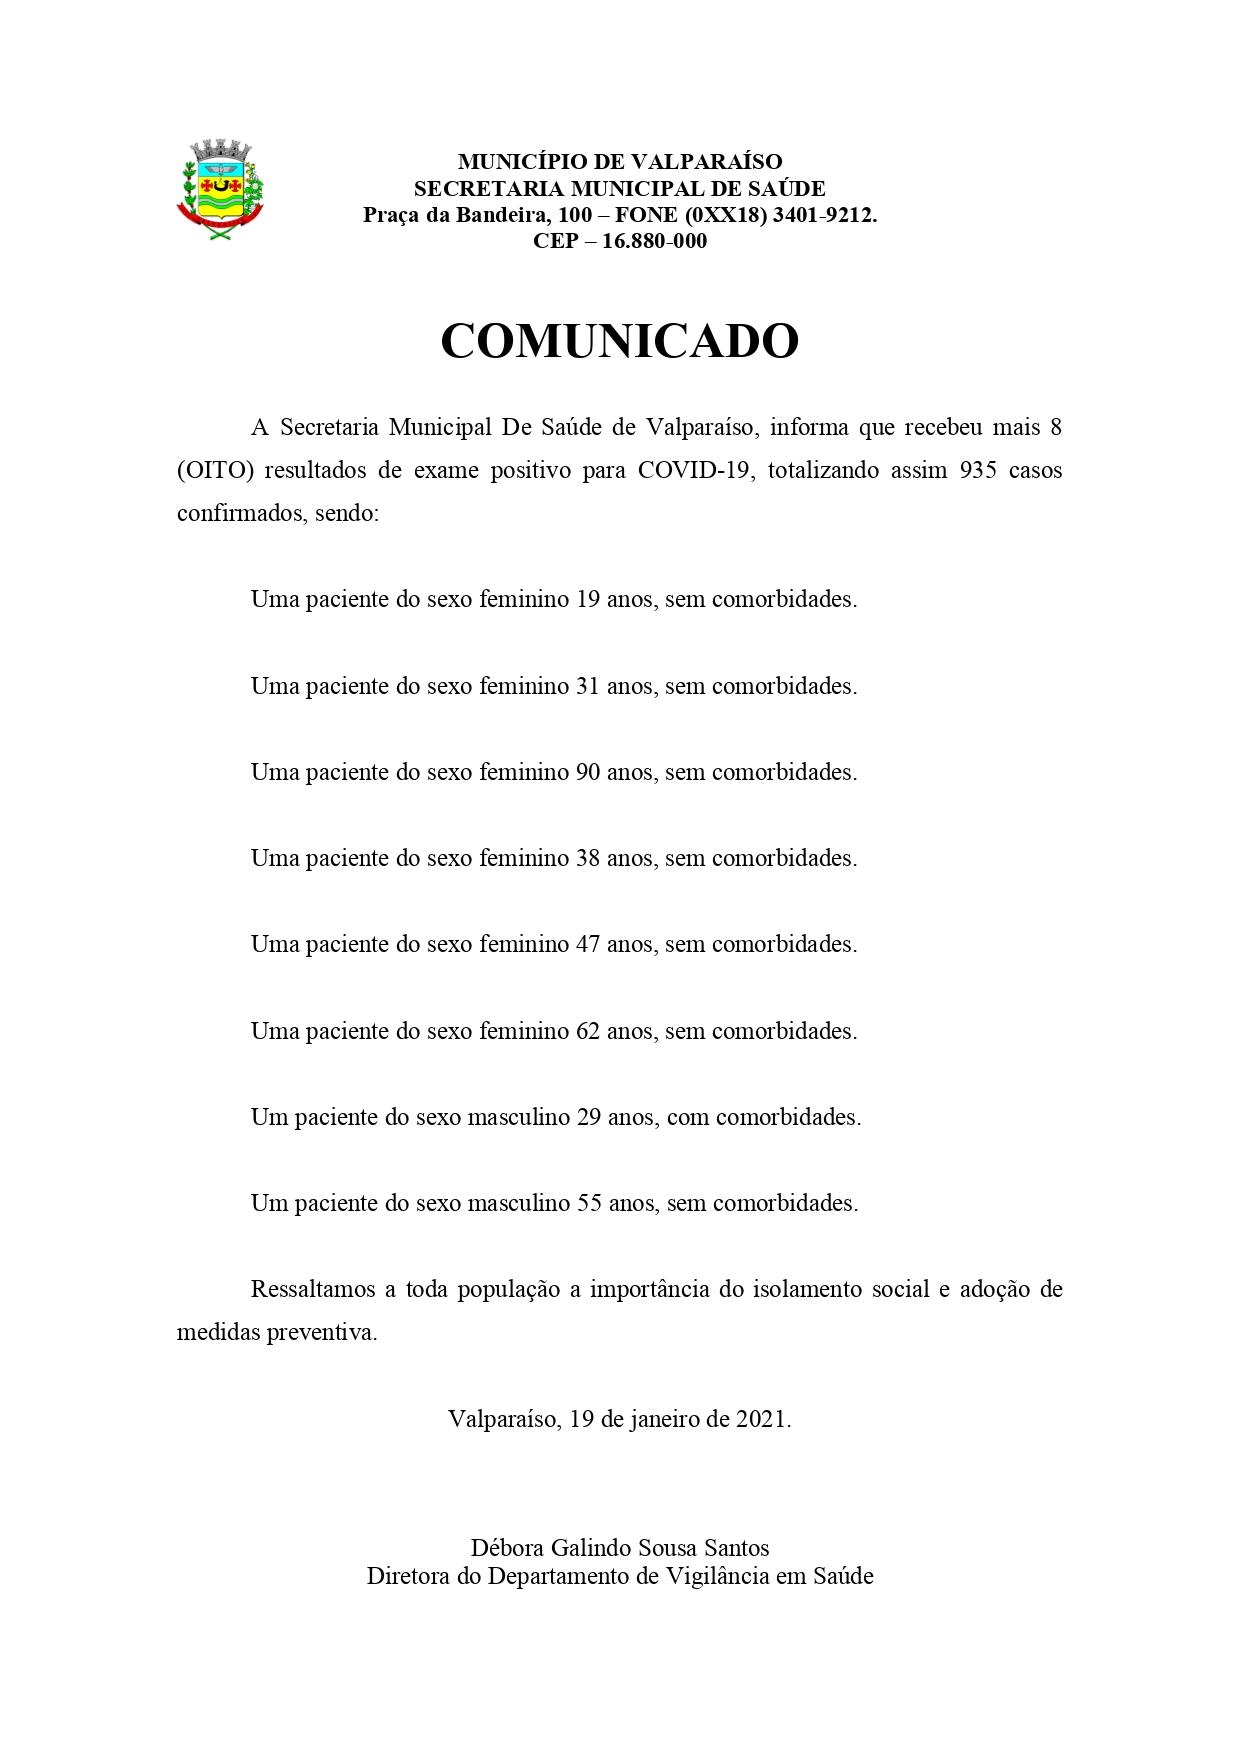 covid935